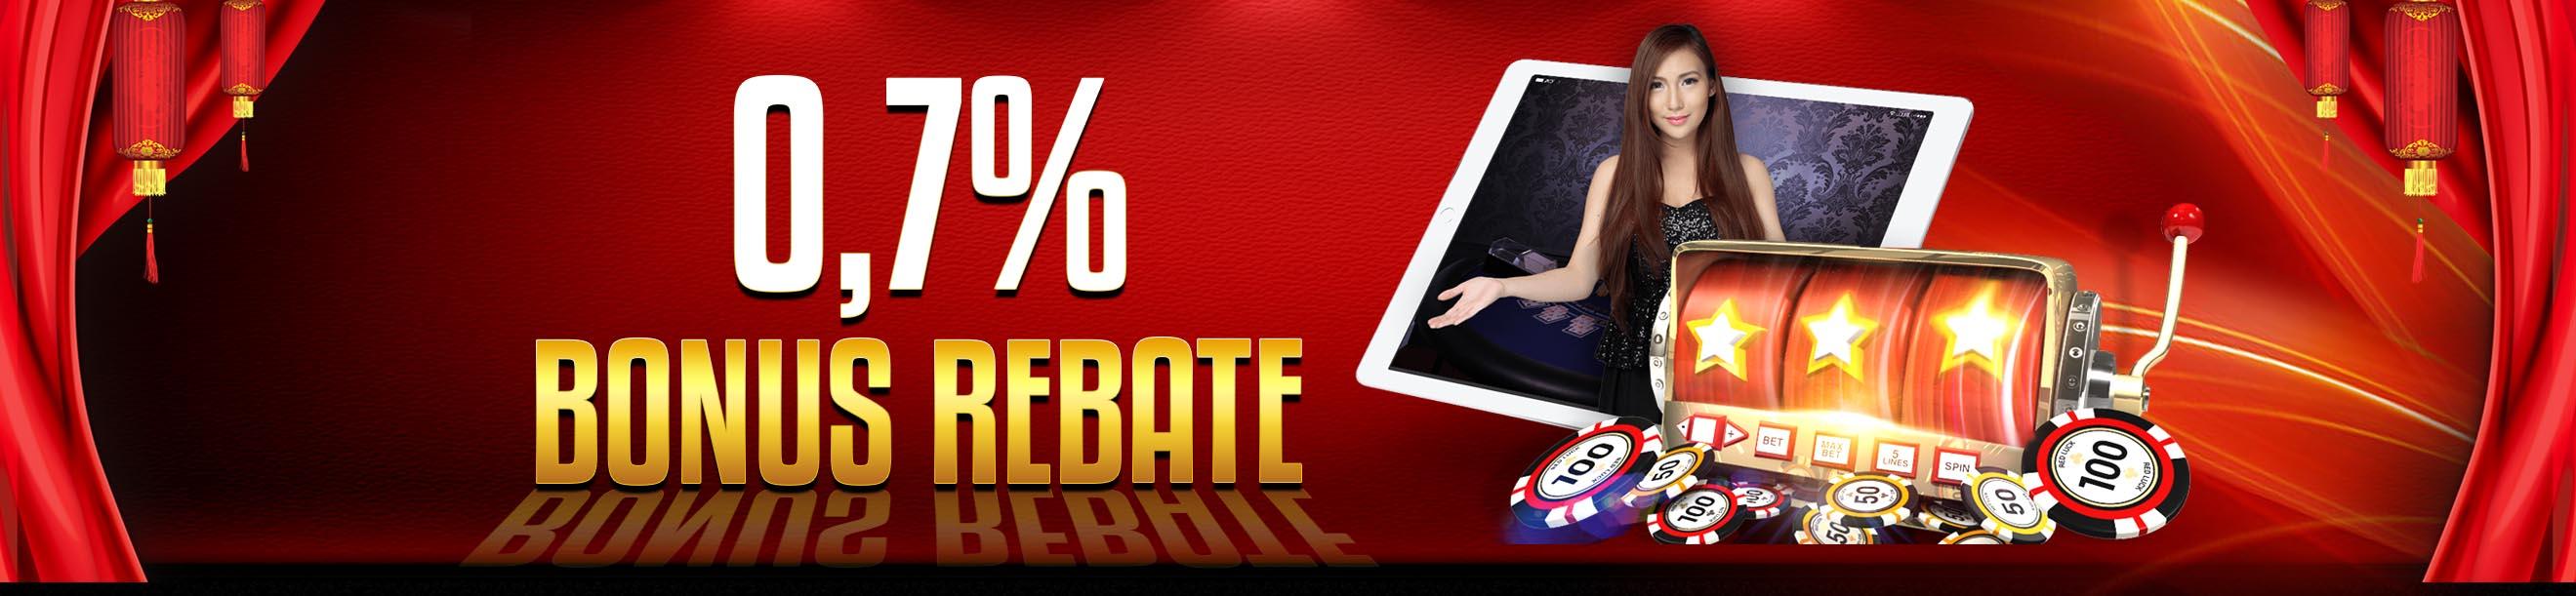 BONUS REBATE 0.7%